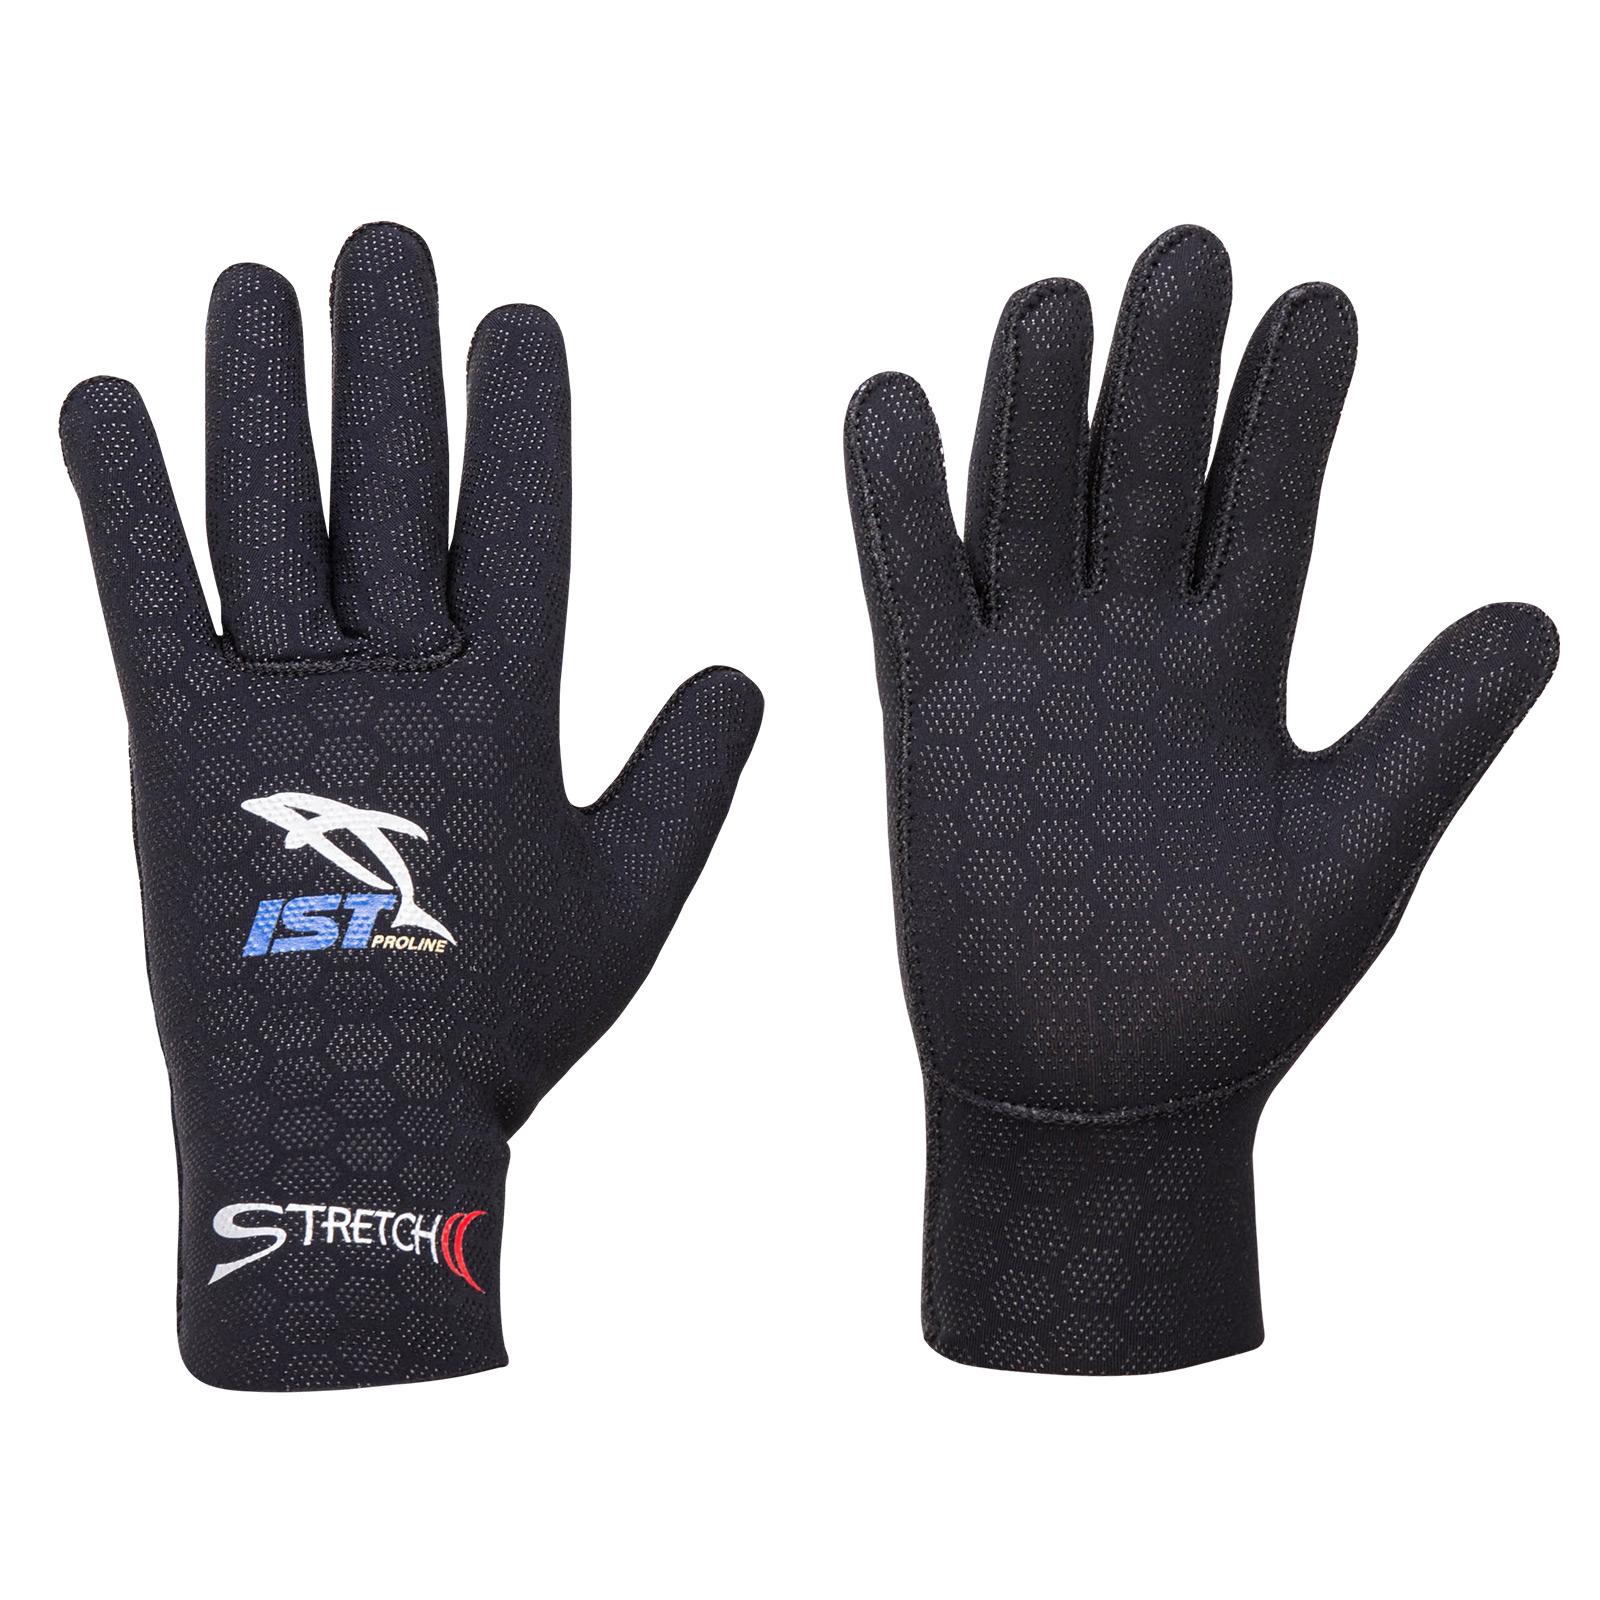 2.5mm Super Stretch Gloves